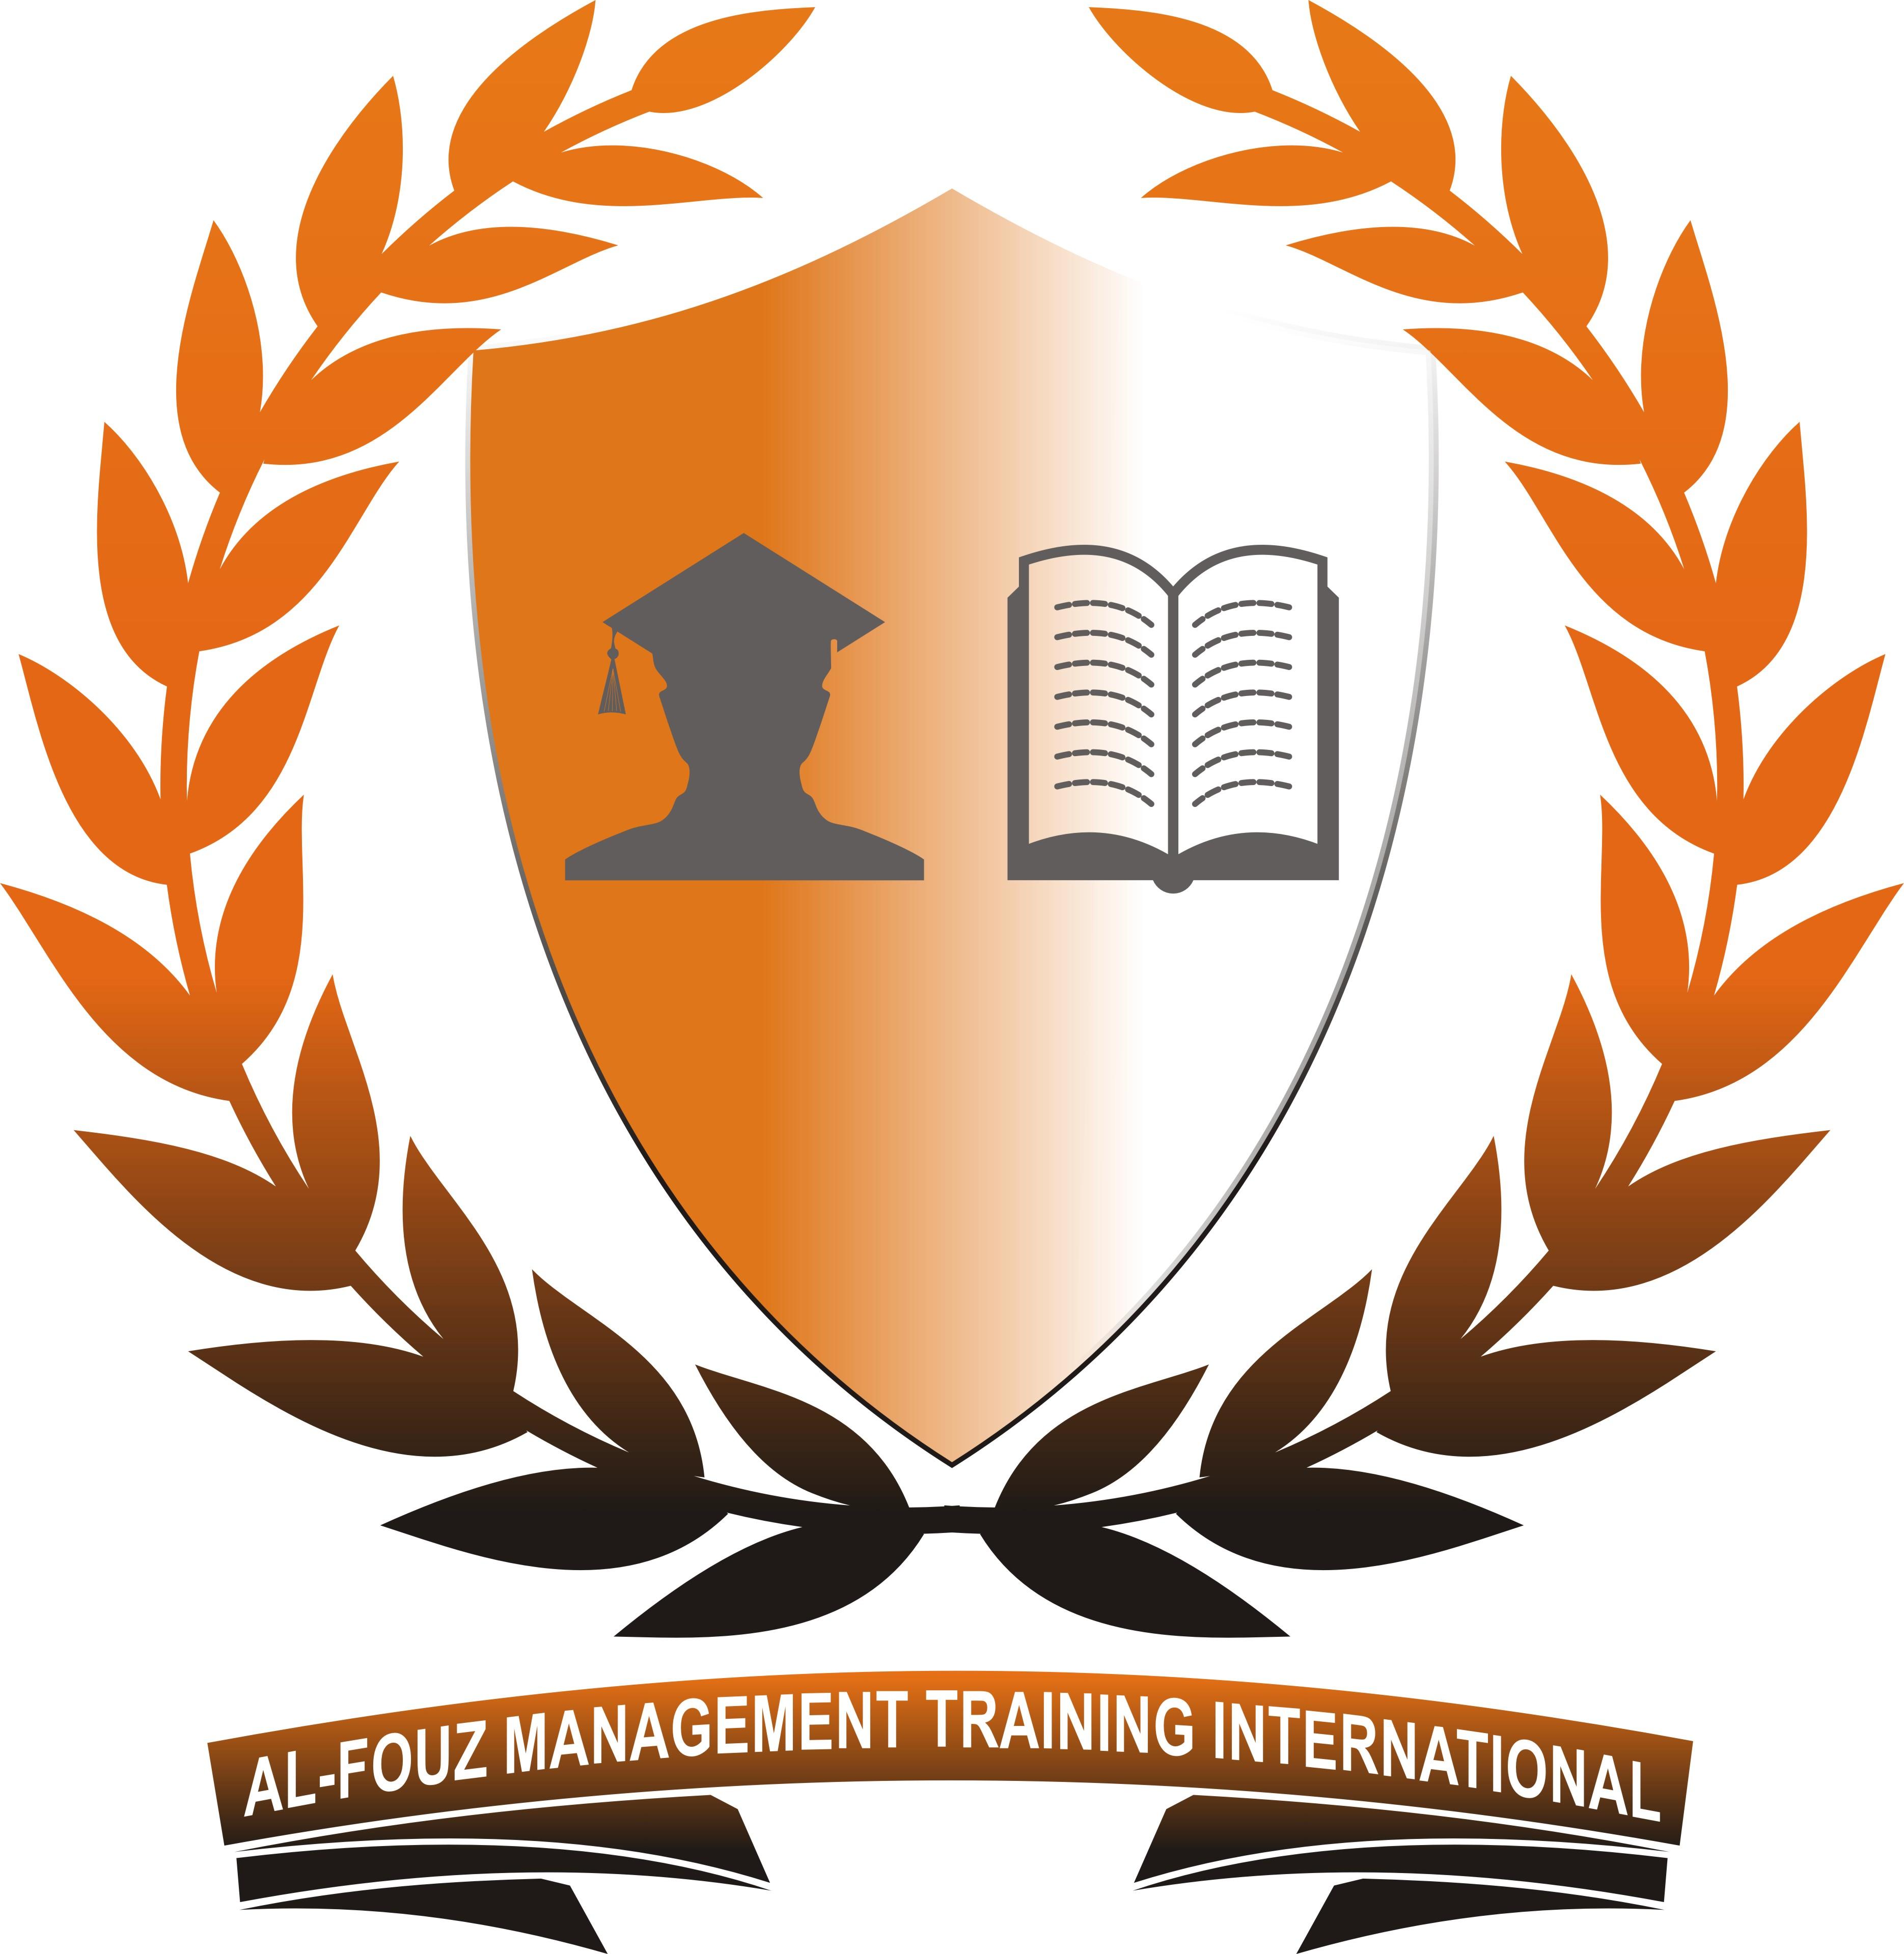 Project Management Professional (PMP) By Al-Fouz